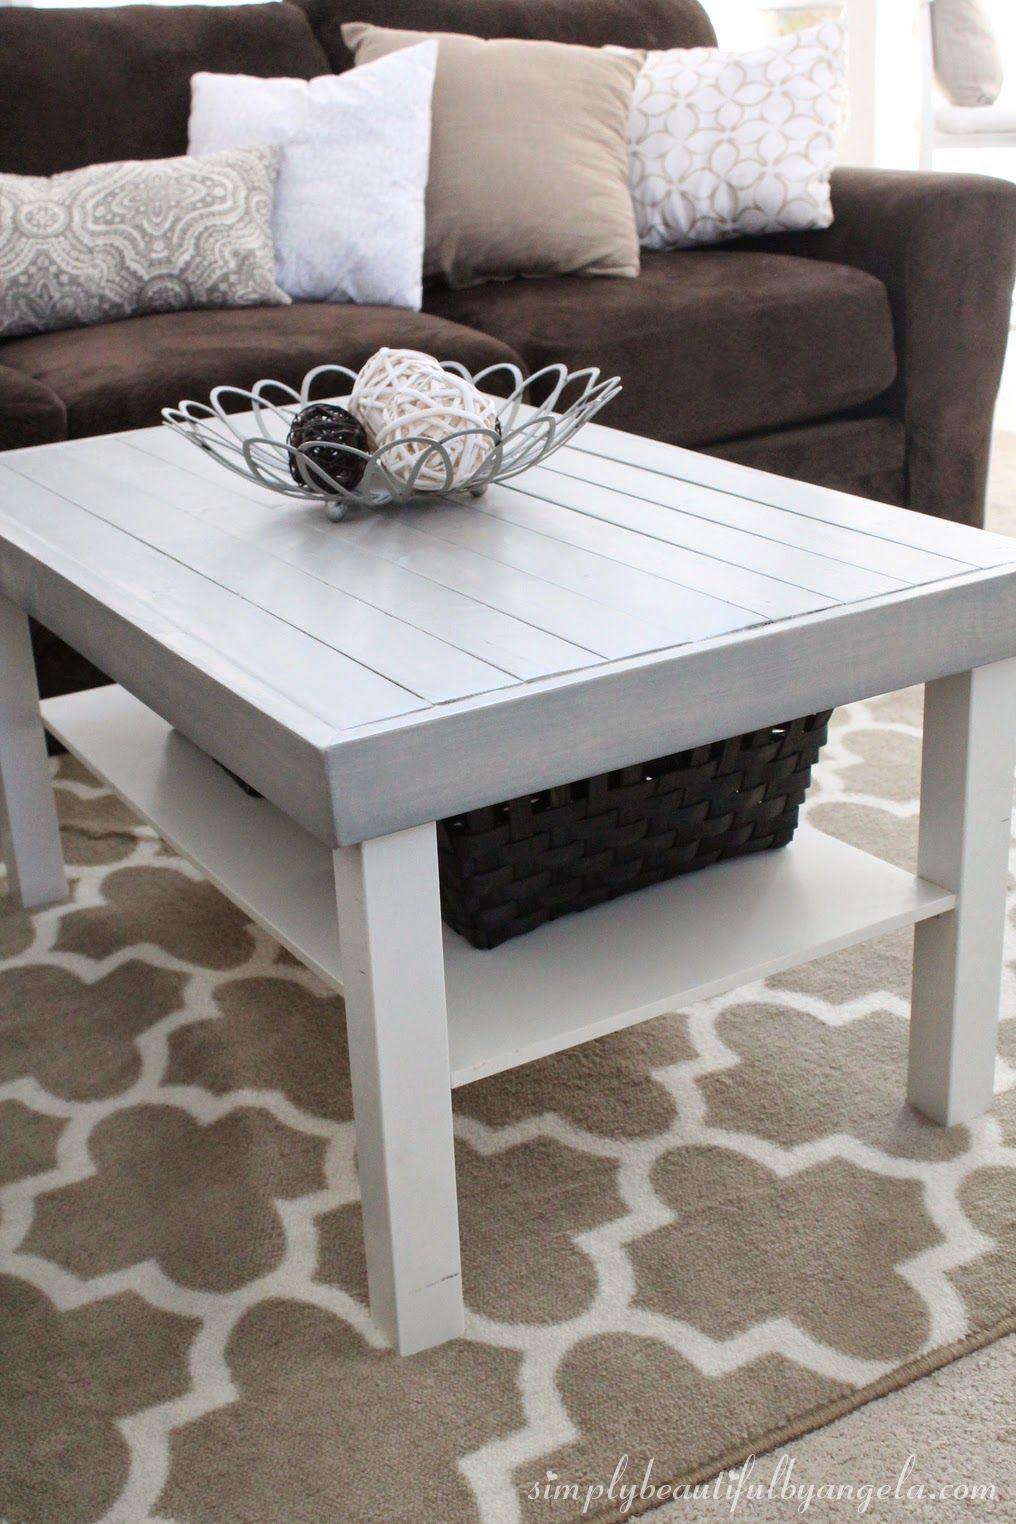 Ikea Lack Coffee Table Hack Lack Coffee Table Ikea Lack Table